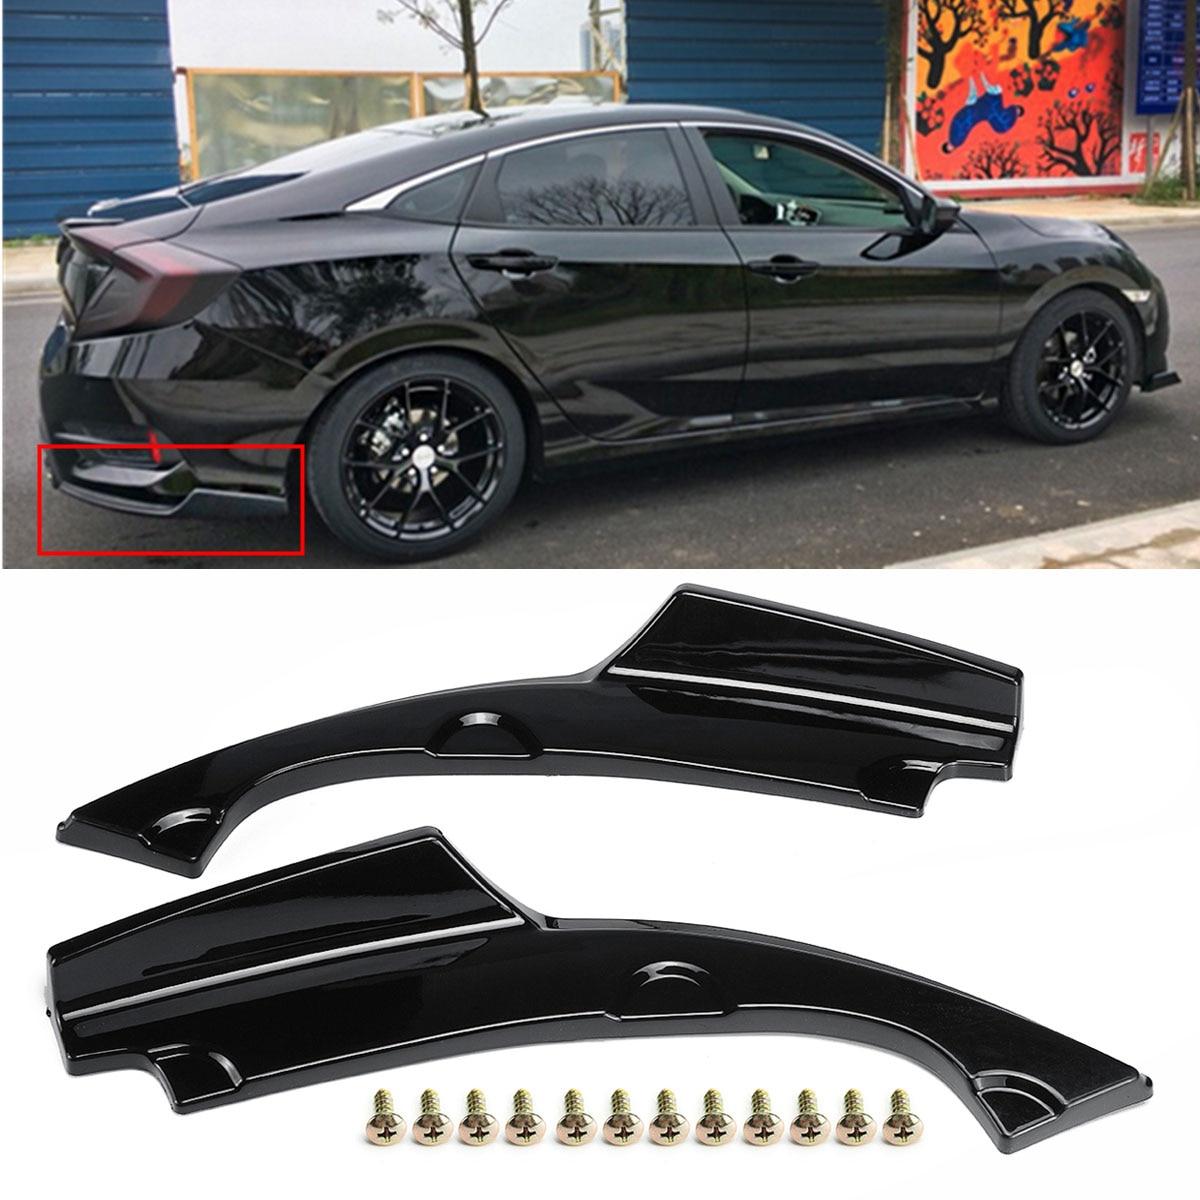 2 adet araba arka tampon alt köşe Valance kapakları Splitter spoiler önlük köşe Valance Honda Civic için 4DR 2016 -2018